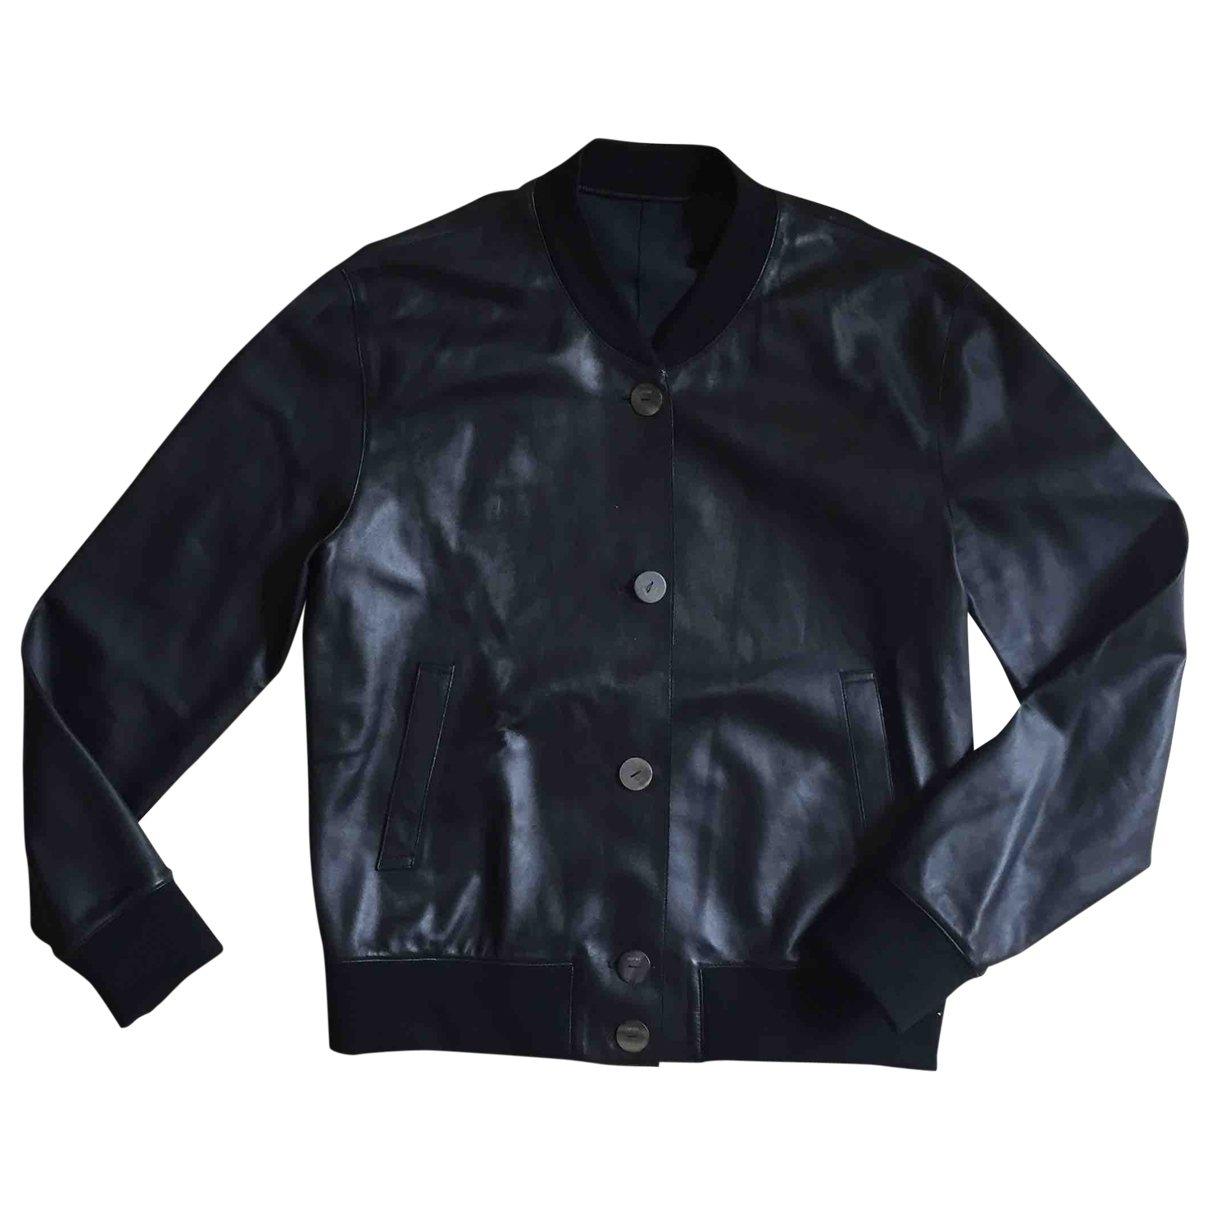 Loewe \N Black Leather jacket for Women 36 FR